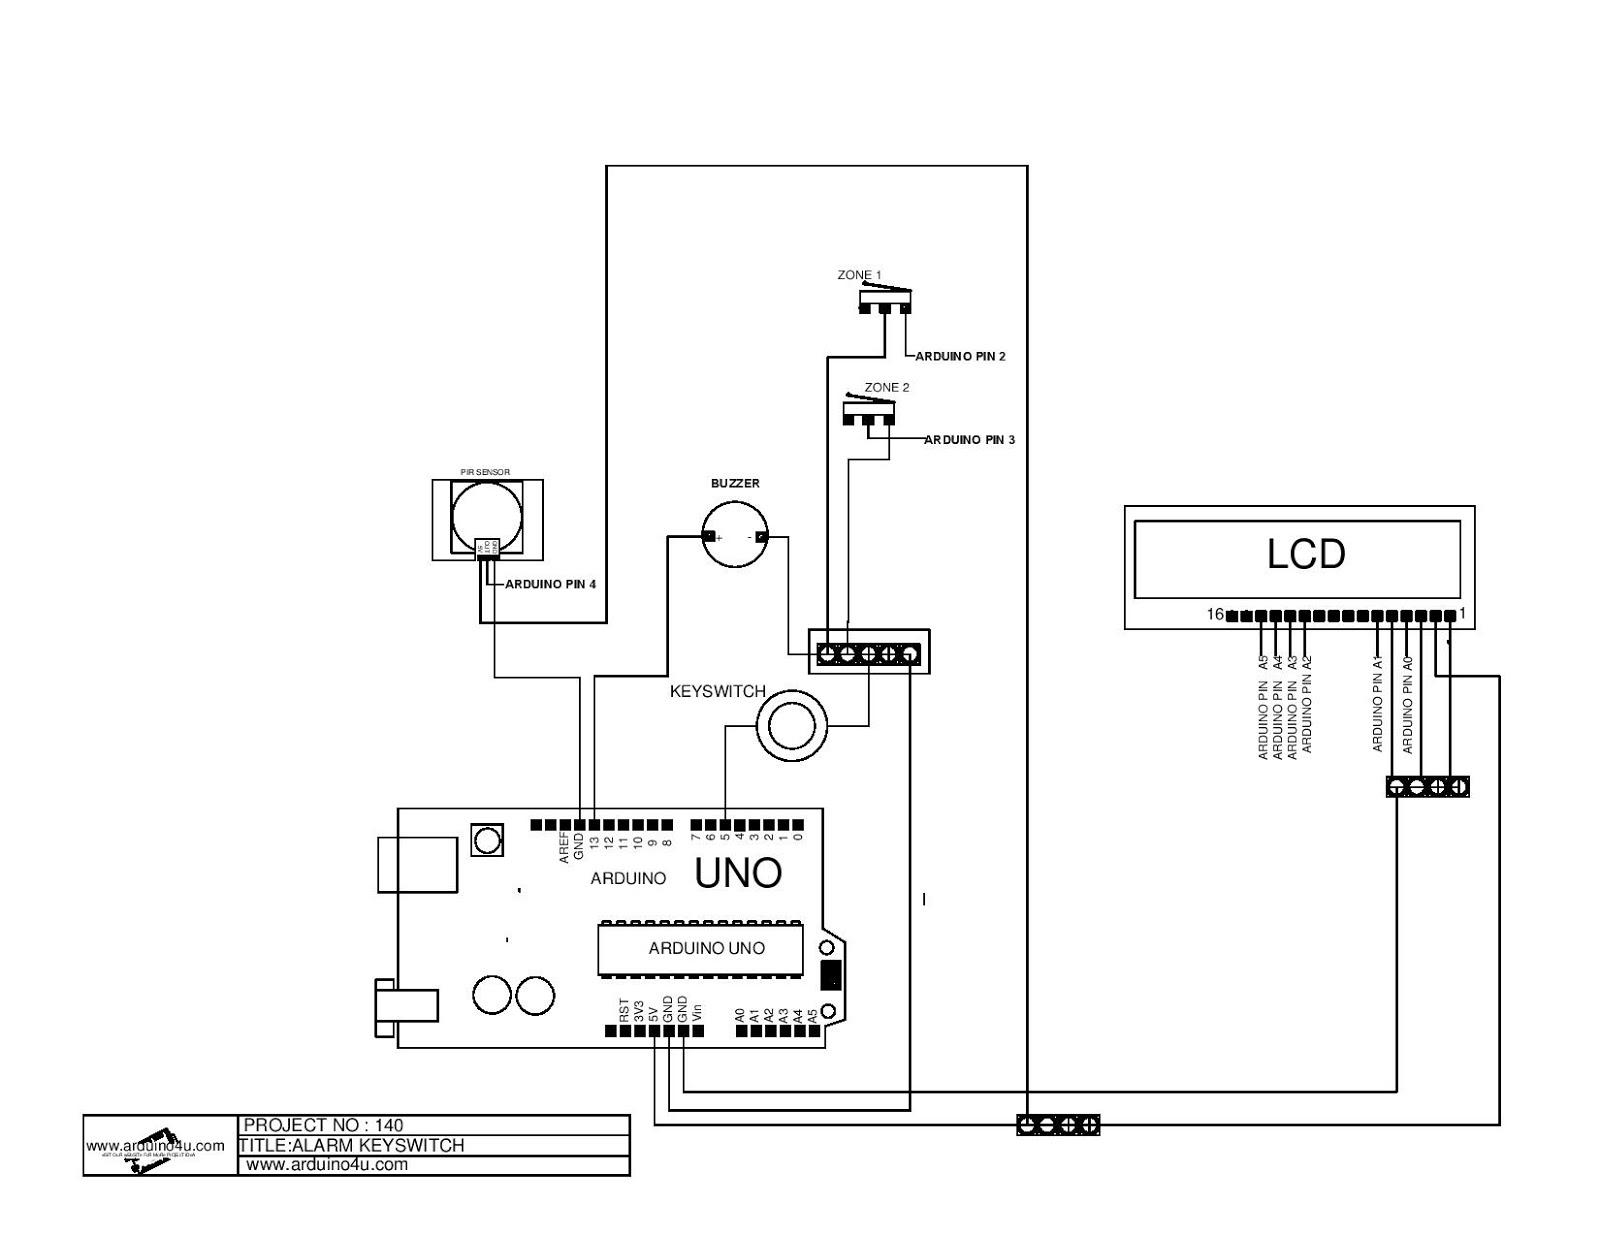 Projek Elektronik Arduino4u.com: 140-Keyswitch Alarm System